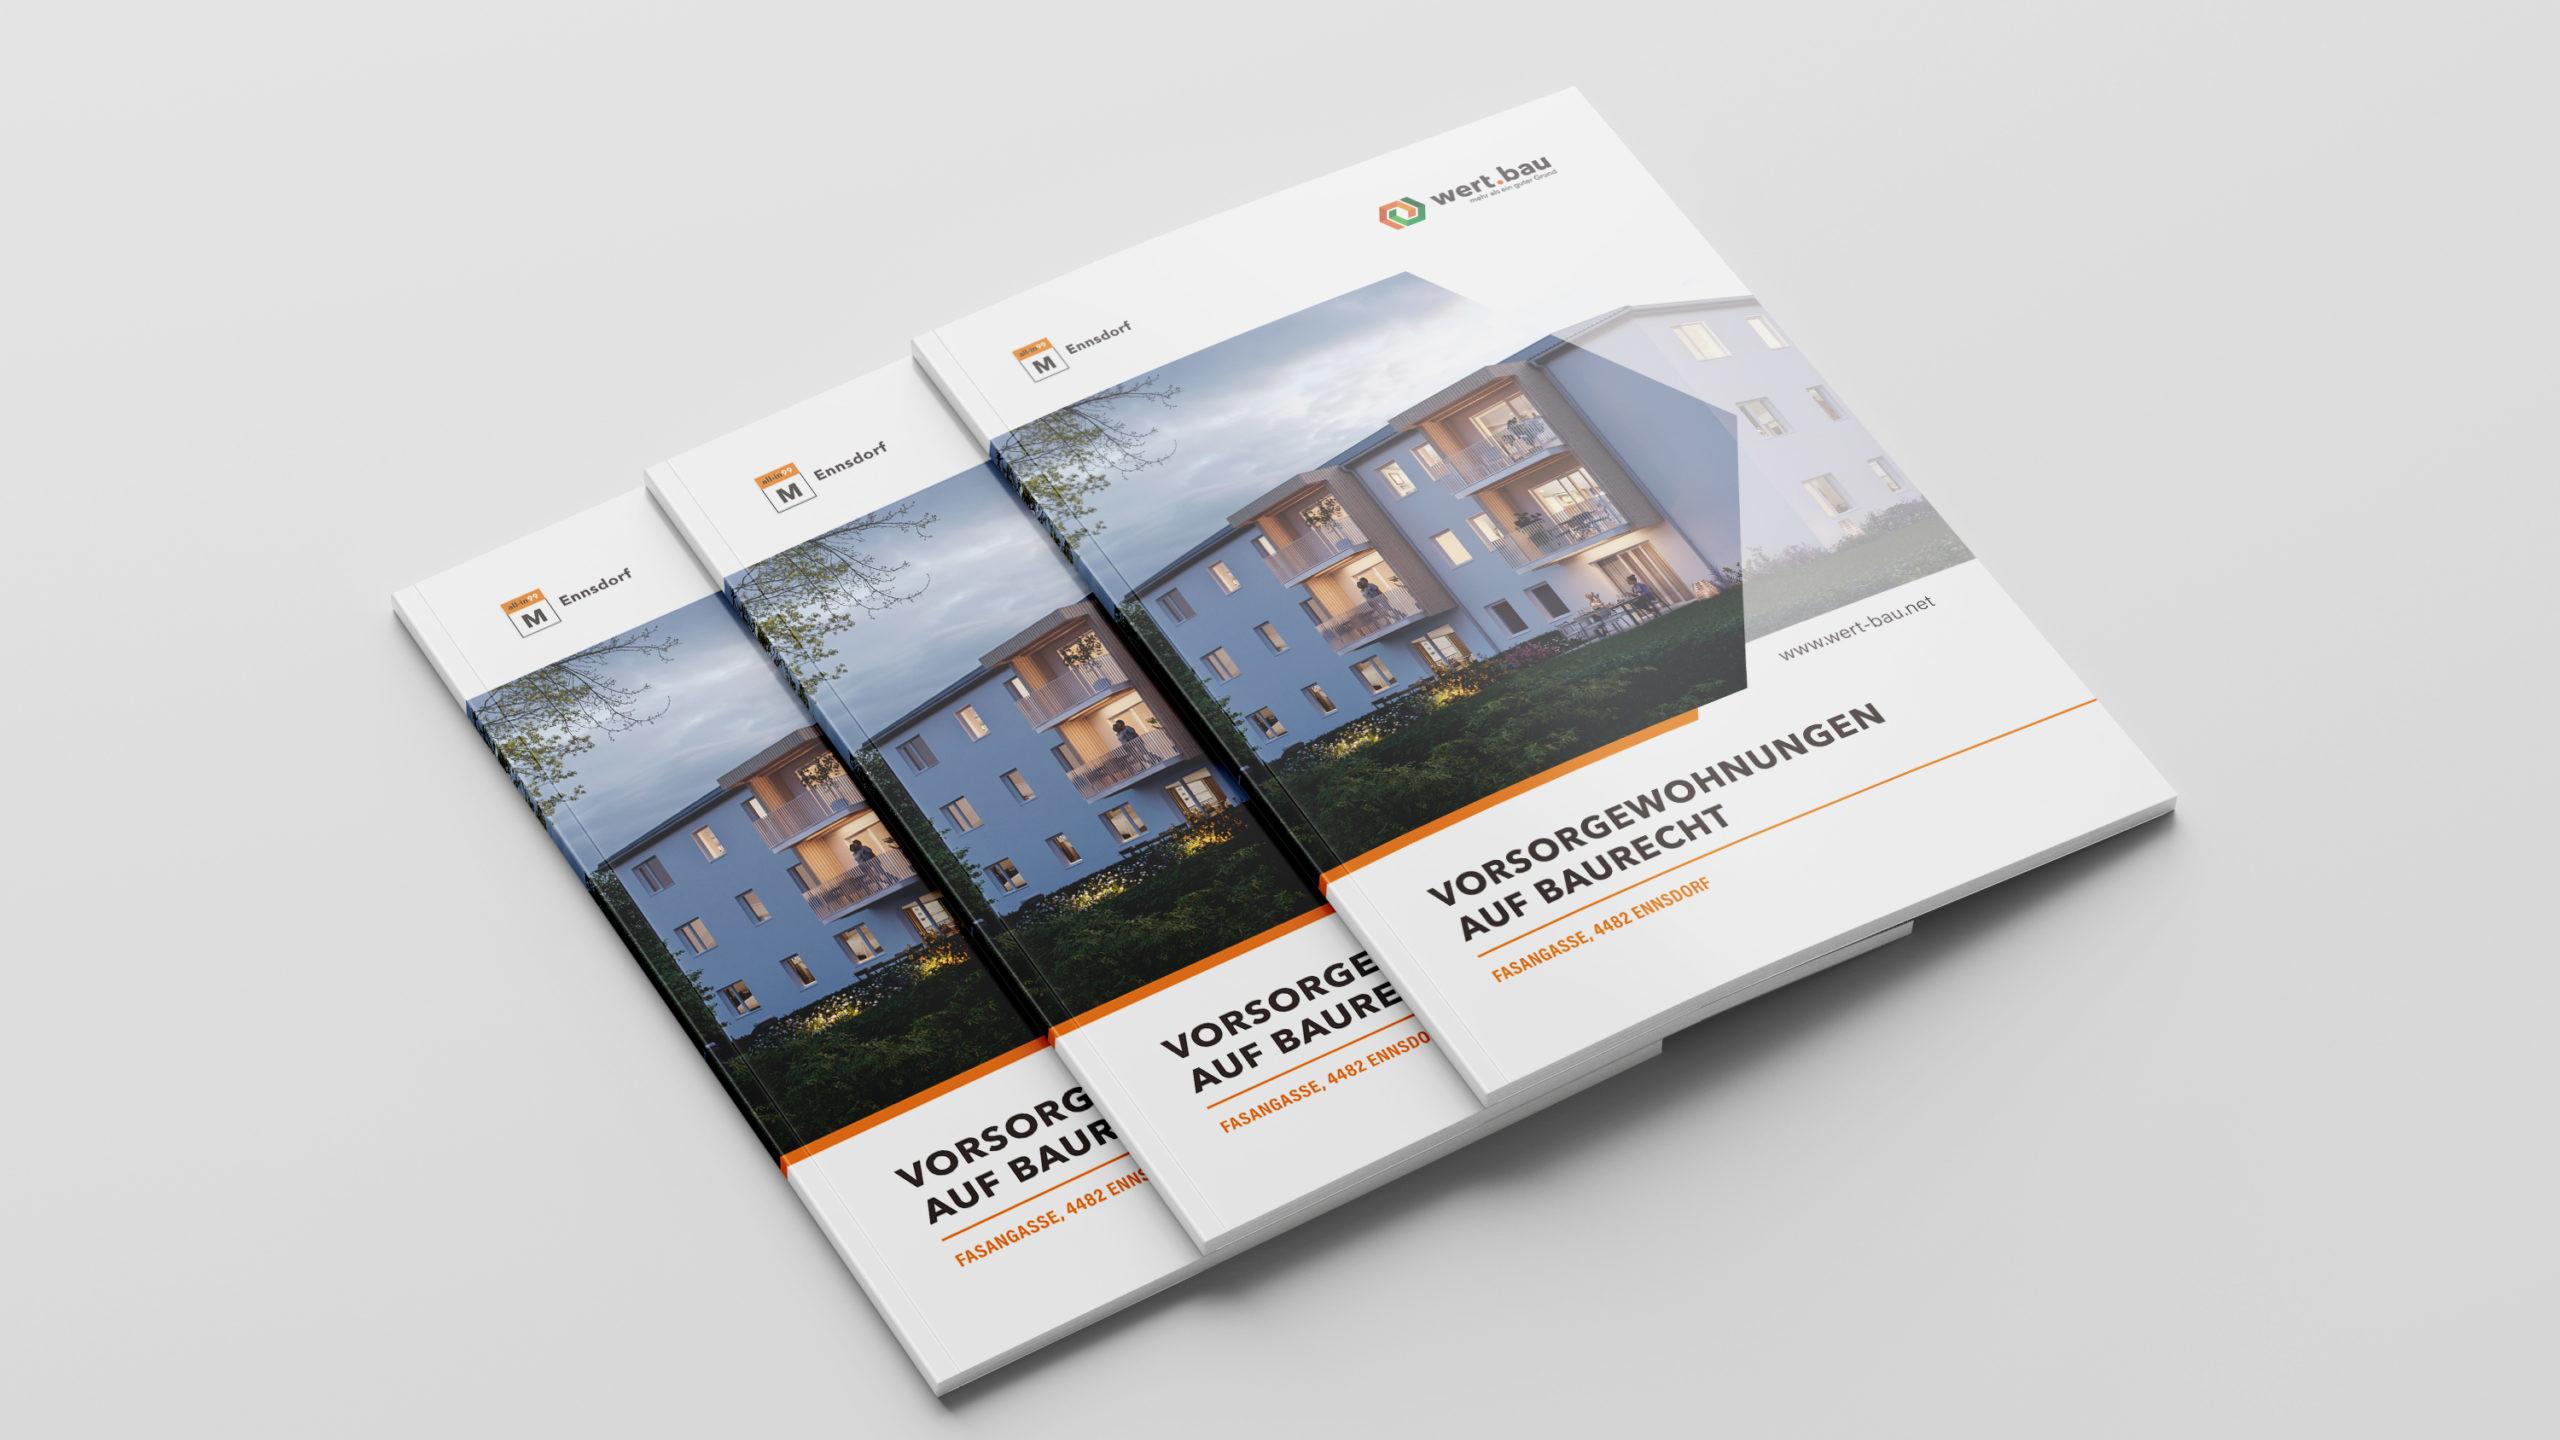 Drei Projektfolder mit der Visualisierung zum all-in99 Projekt Ennsdorf am Cover